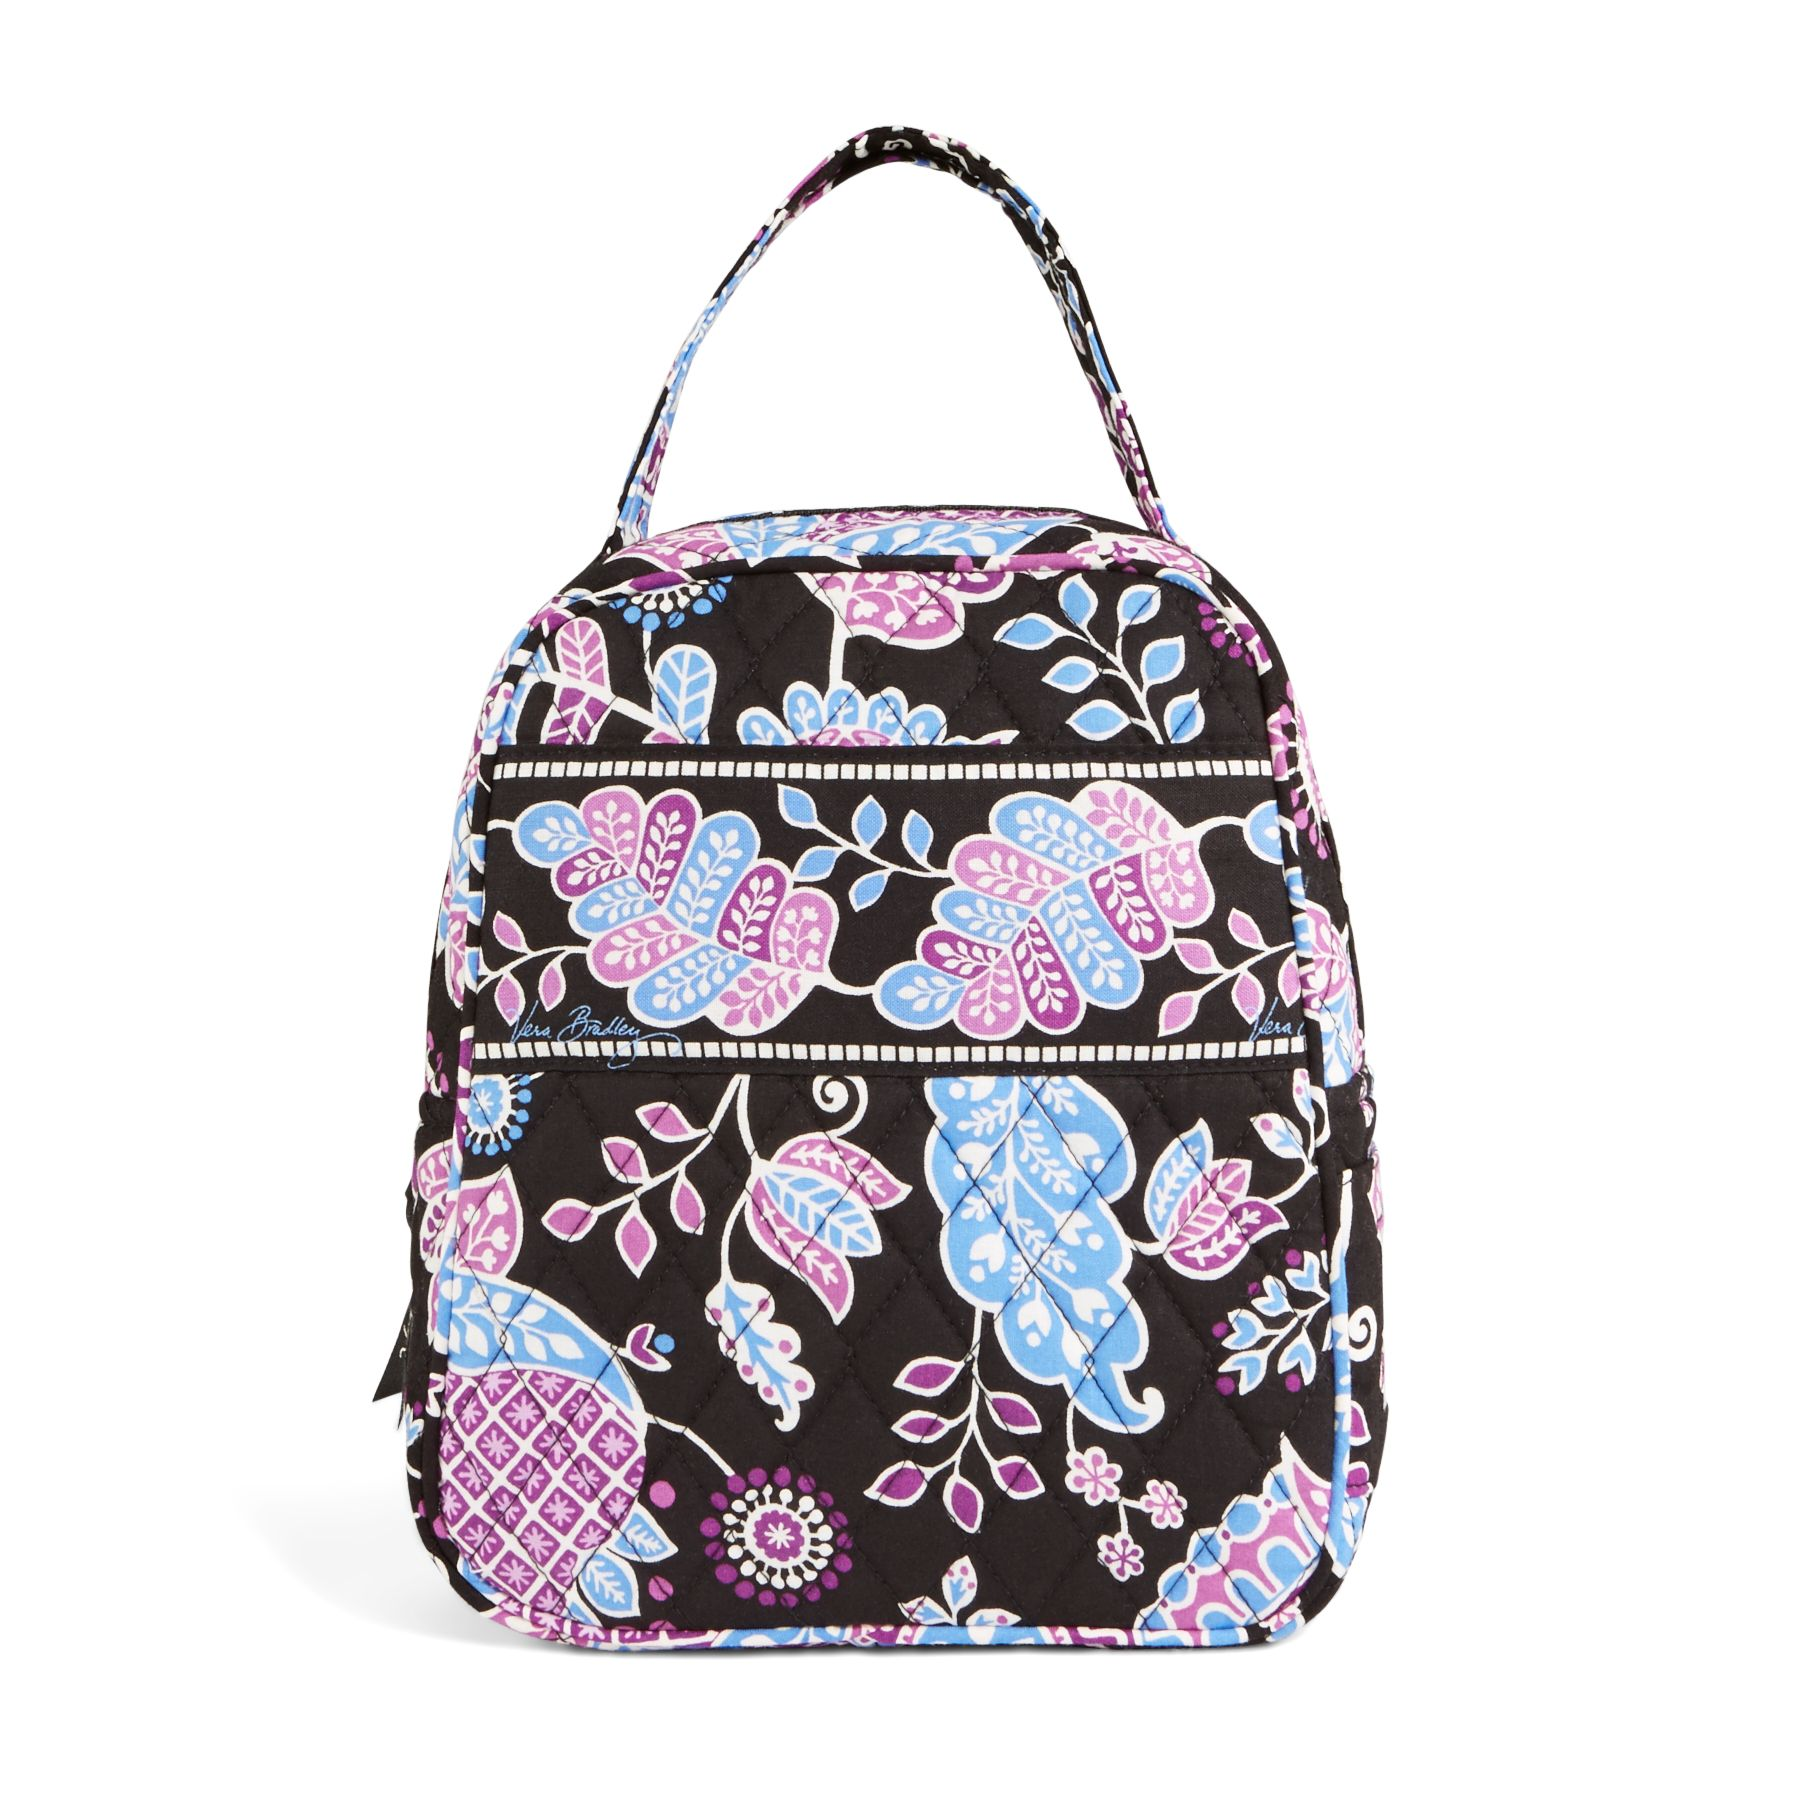 Vera Bradley Lunch Bunch Bag